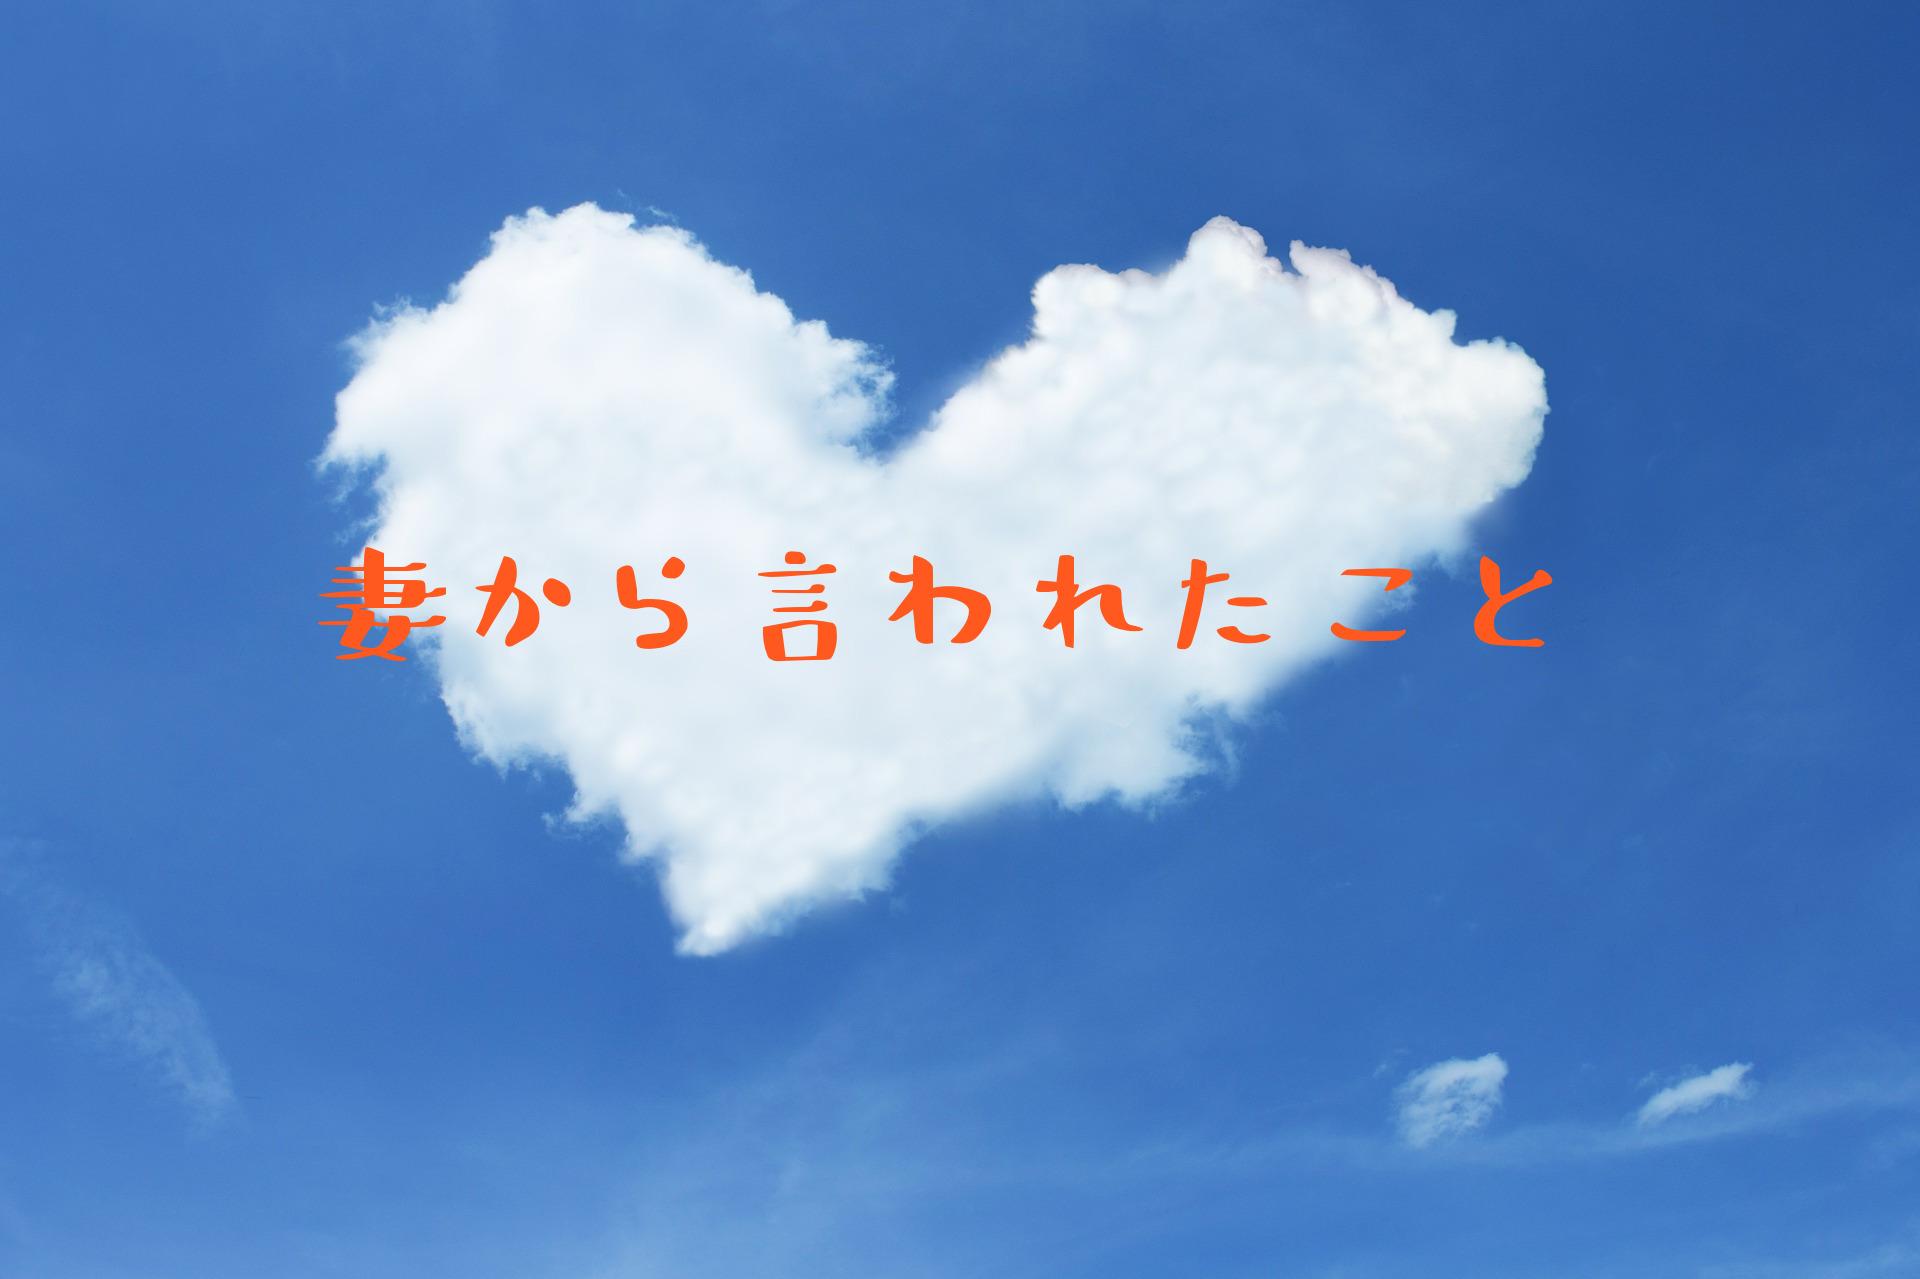 cloud-600224_19201.jpg